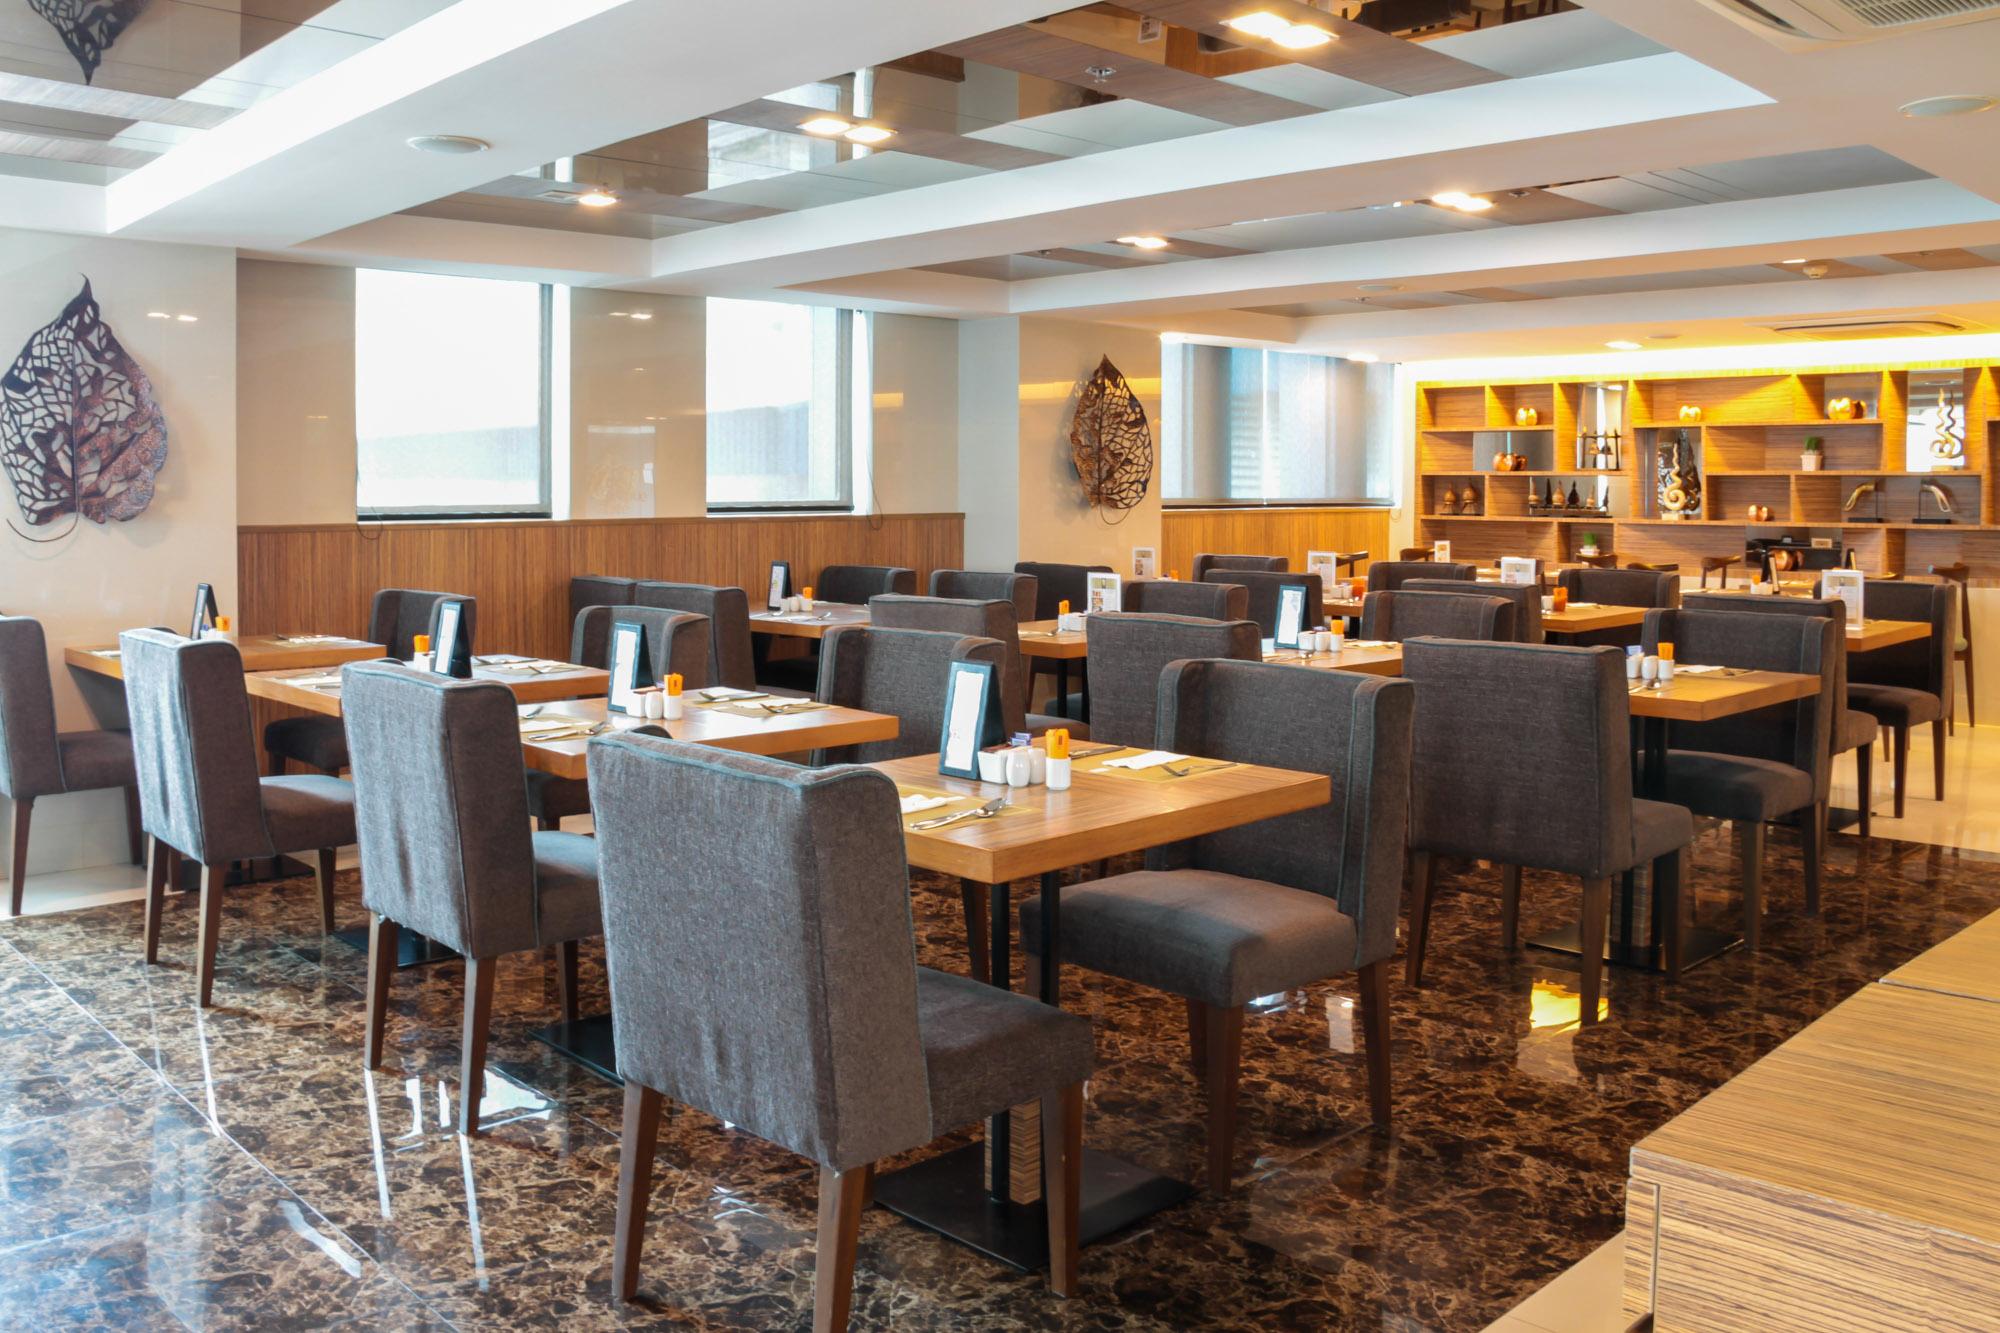 โรงแรมแกรนด์สวิส สุขุมวิท 11  180 Sky Lounge โรงแรมแกรนด์สวิส สุขุมวิท 11 IMG 7662